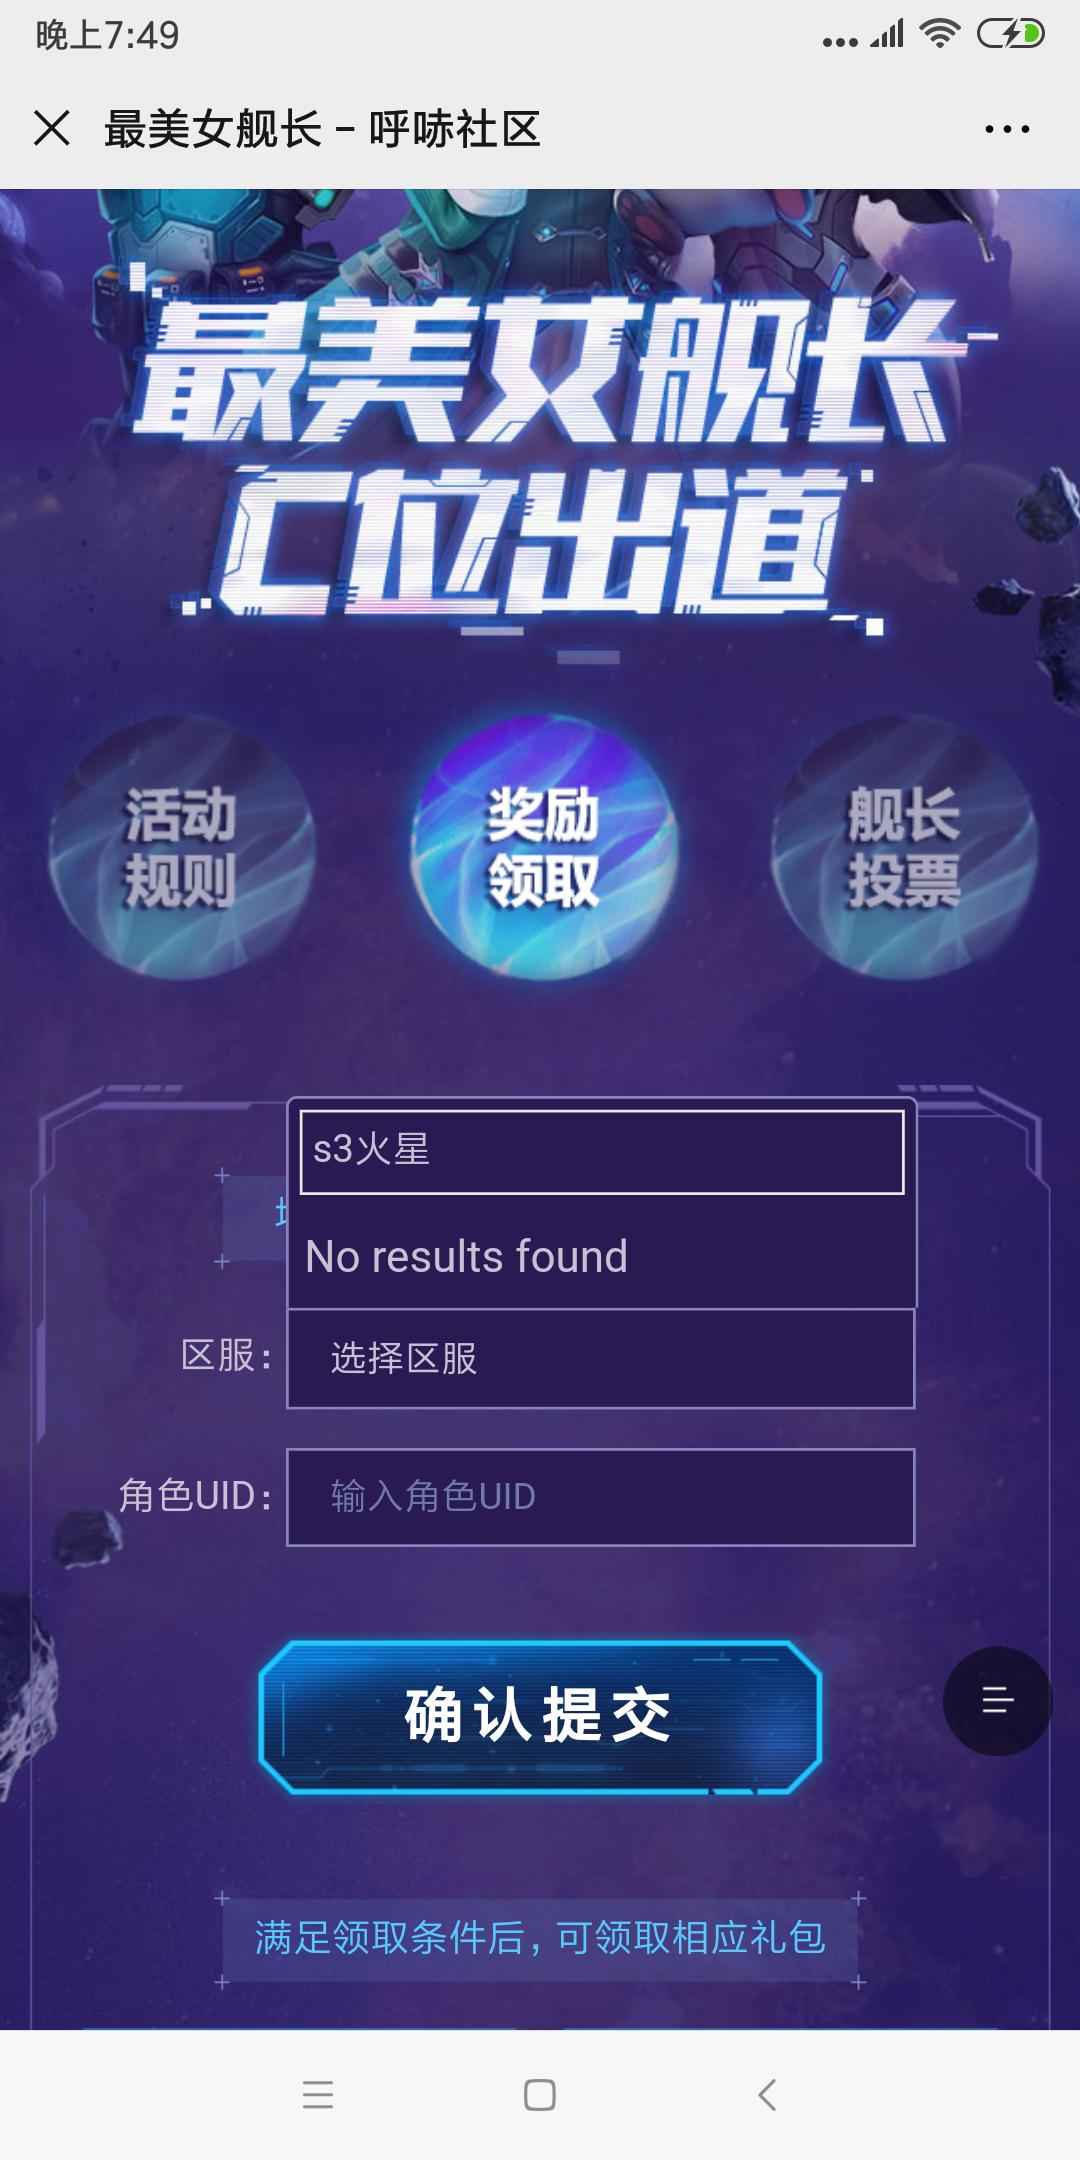 Screenshot_2020-01-16-19-49-38-180_com.tencent.mm.png